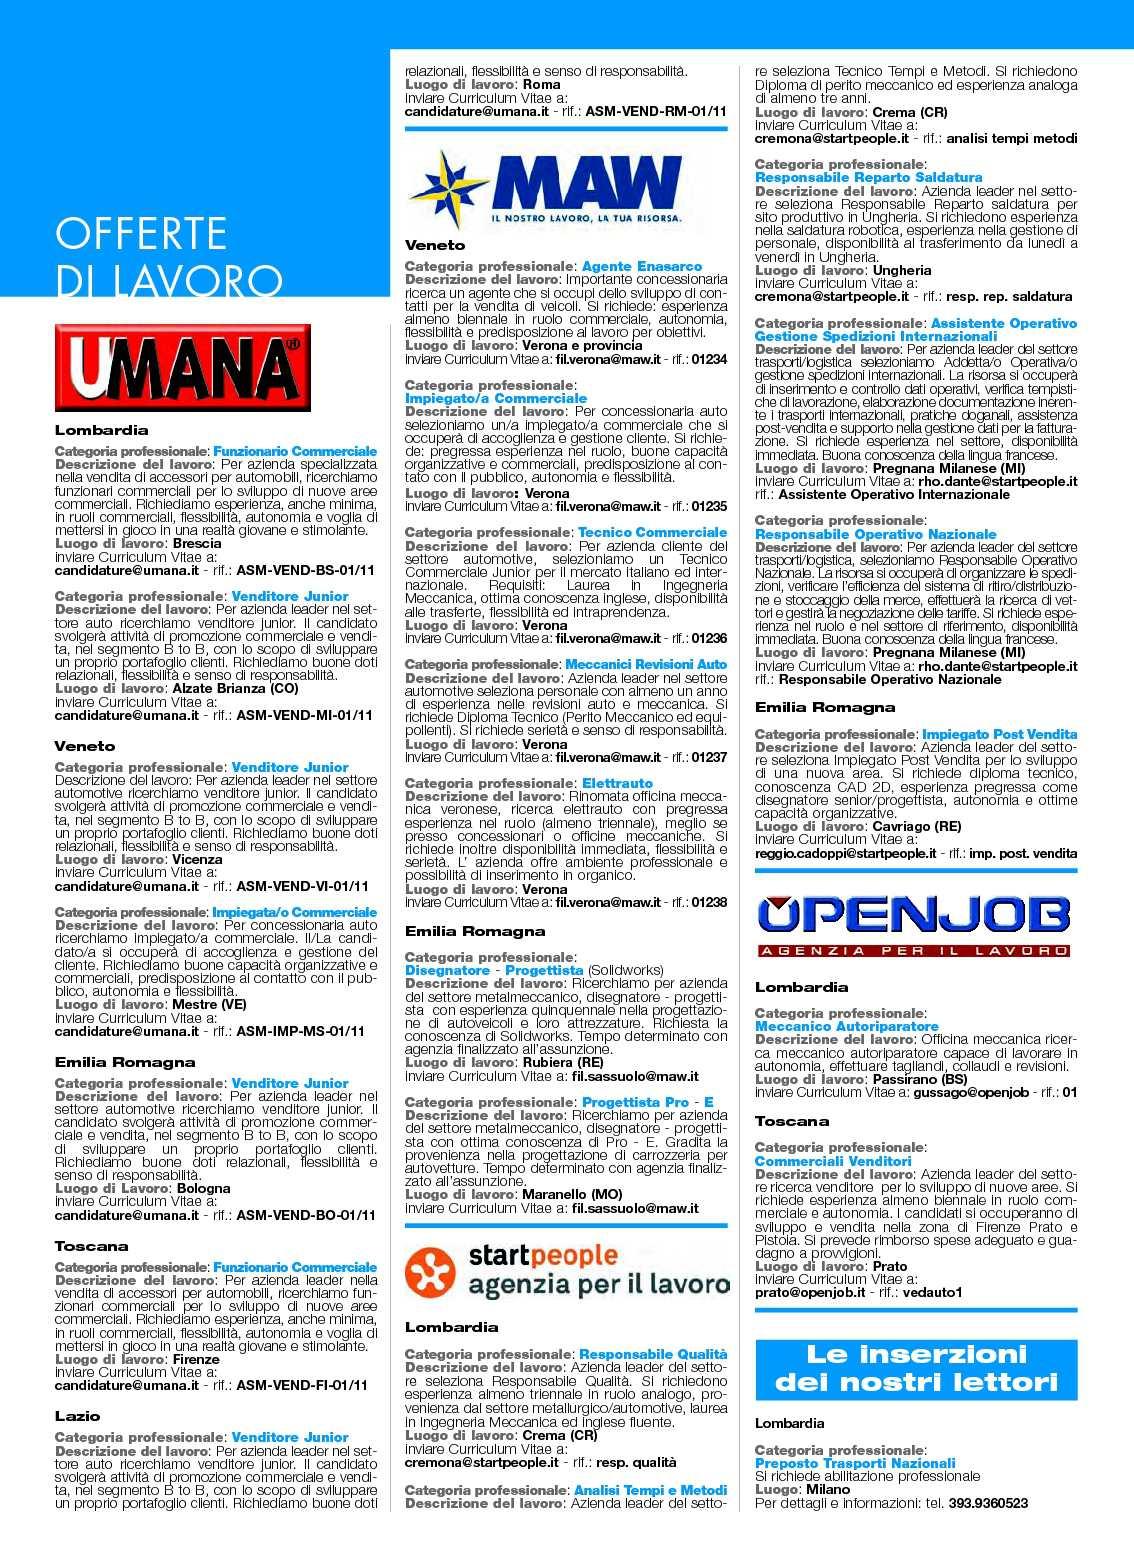 AutoSuperMarket Gennaio 2011 CALAMEO Downloader